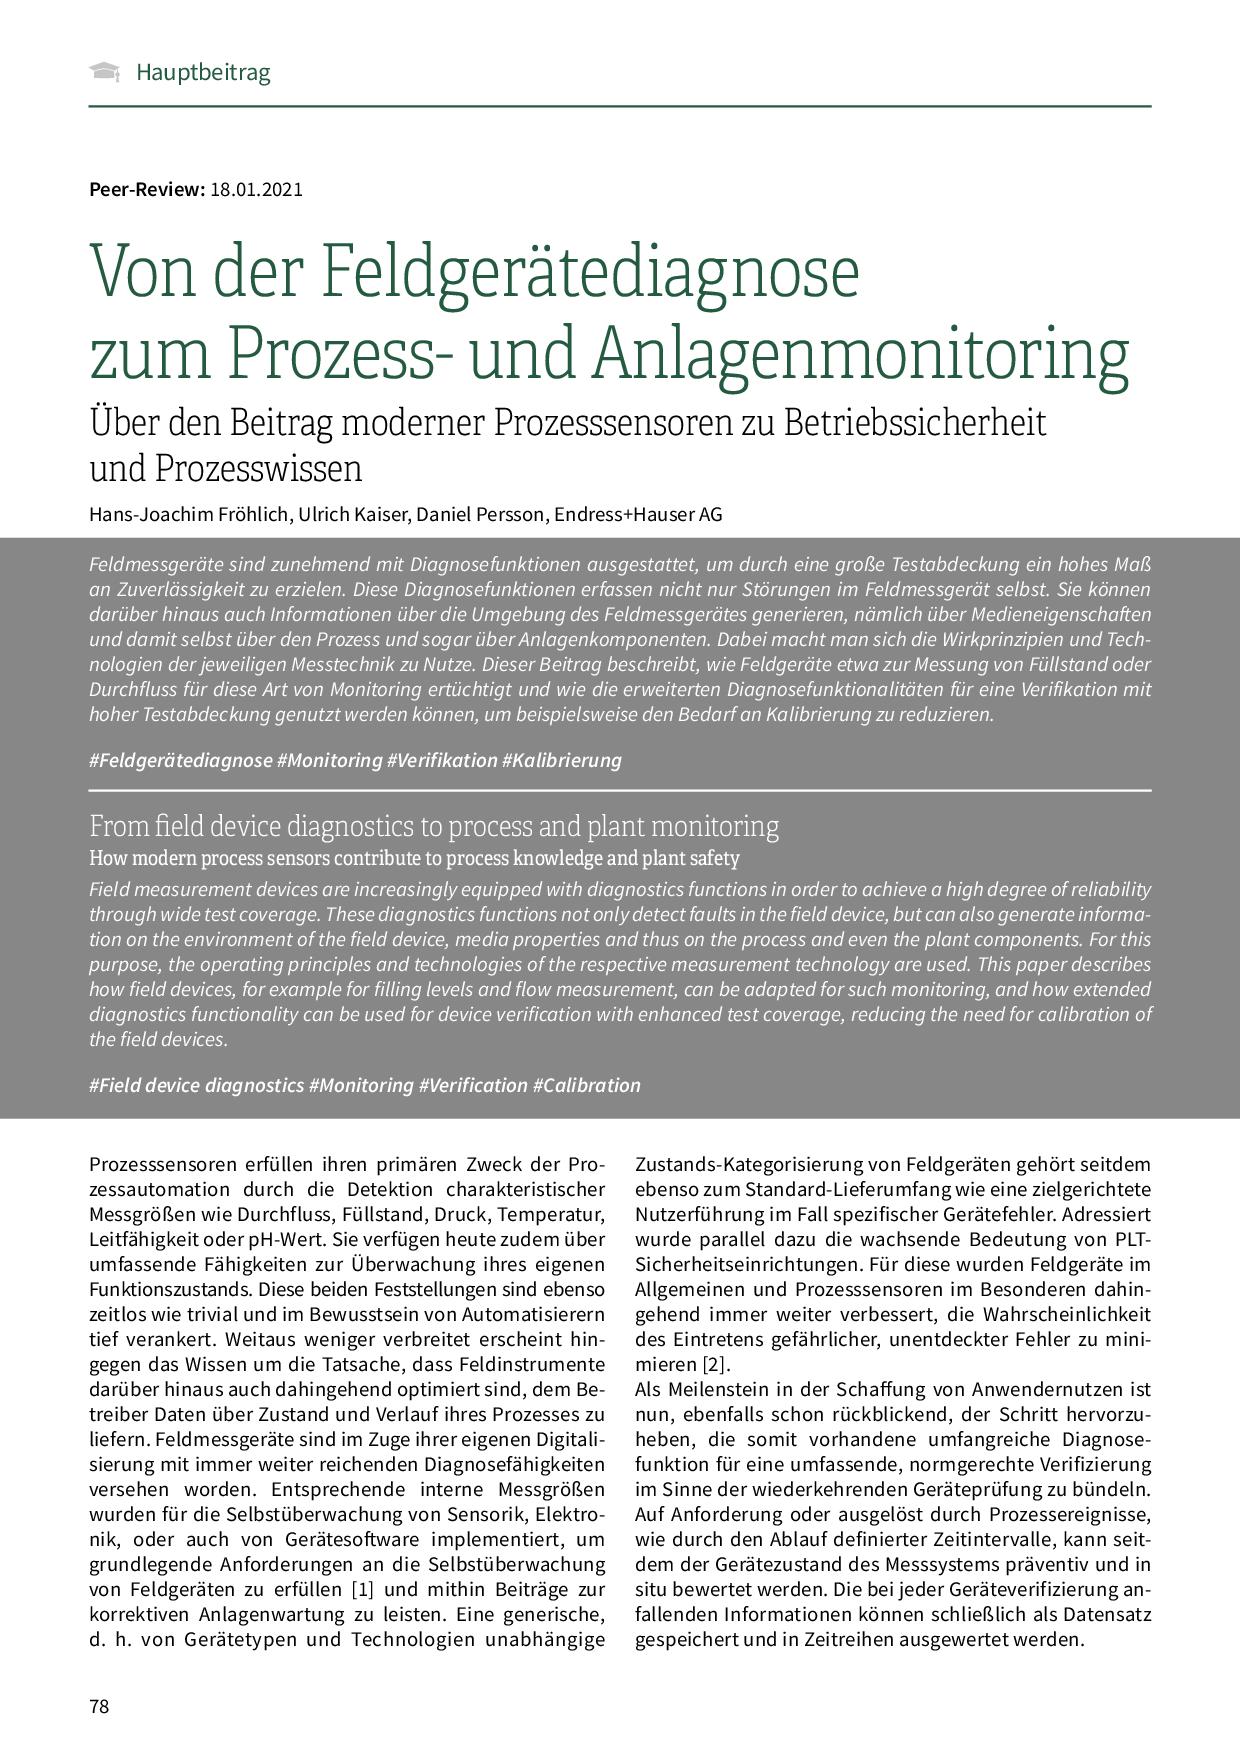 Von der Feldgerätediagnose zum Prozess- und Anlagenmonitoring